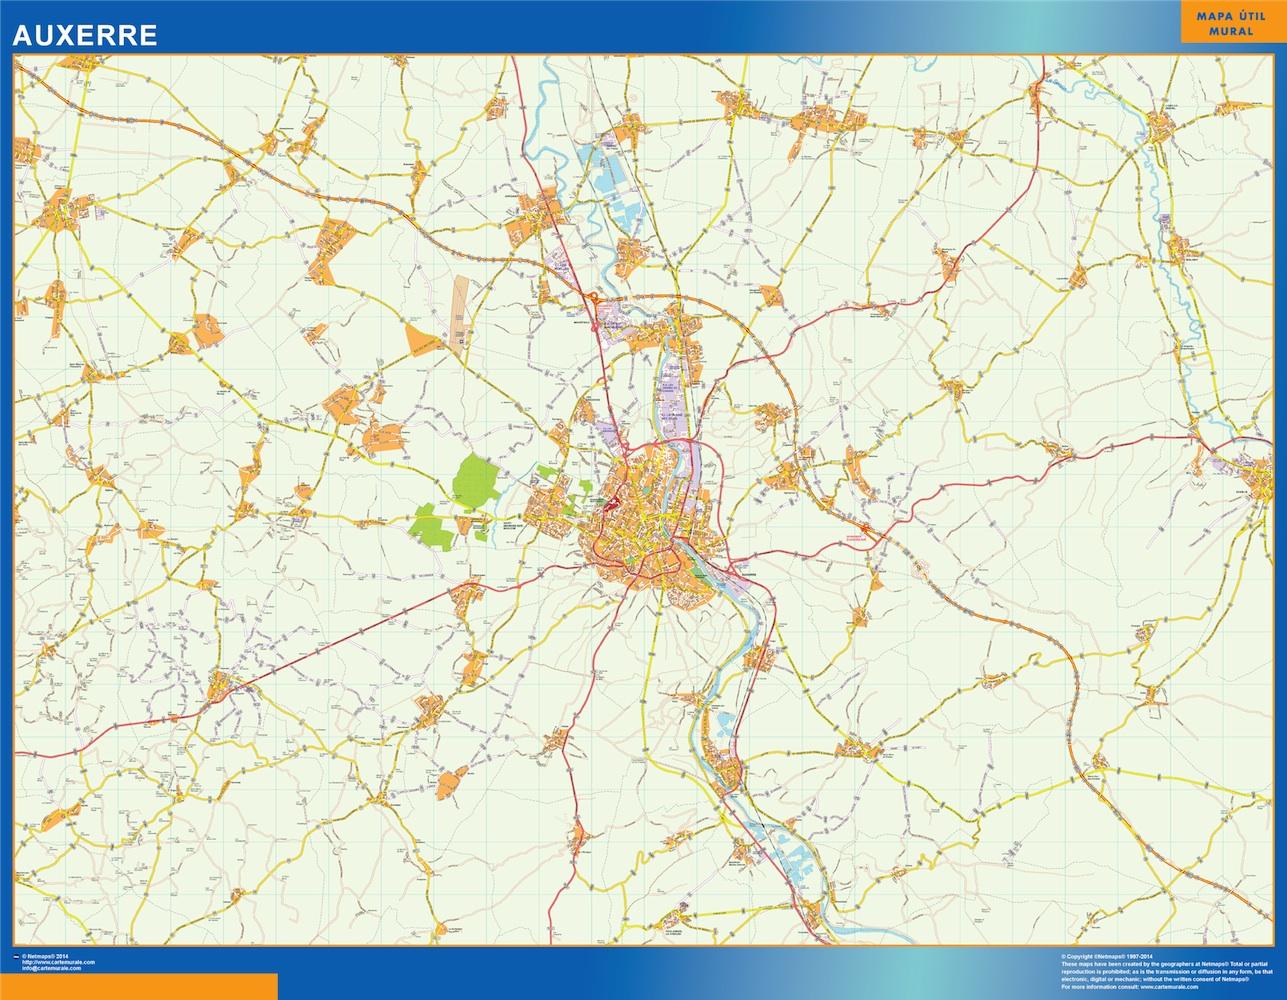 Mapa Auxerre en Francia plastificado gigante